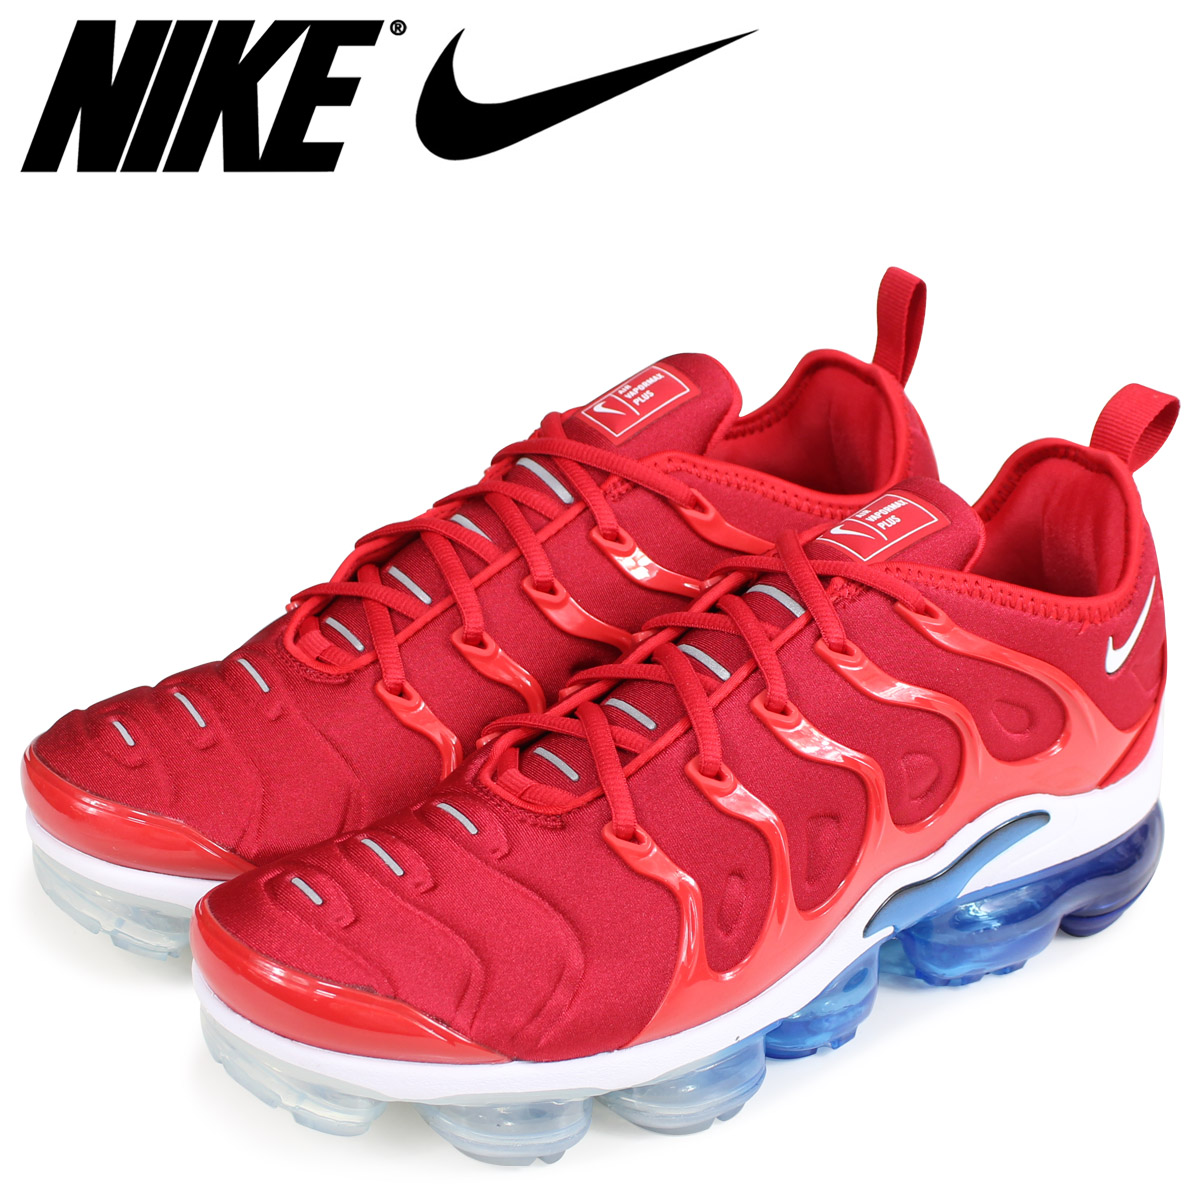 58e3ac9de1 NIKE Nike air vapor max plus sneakers men AIR VAPORMAX PLUS 924,453-601 red  ...